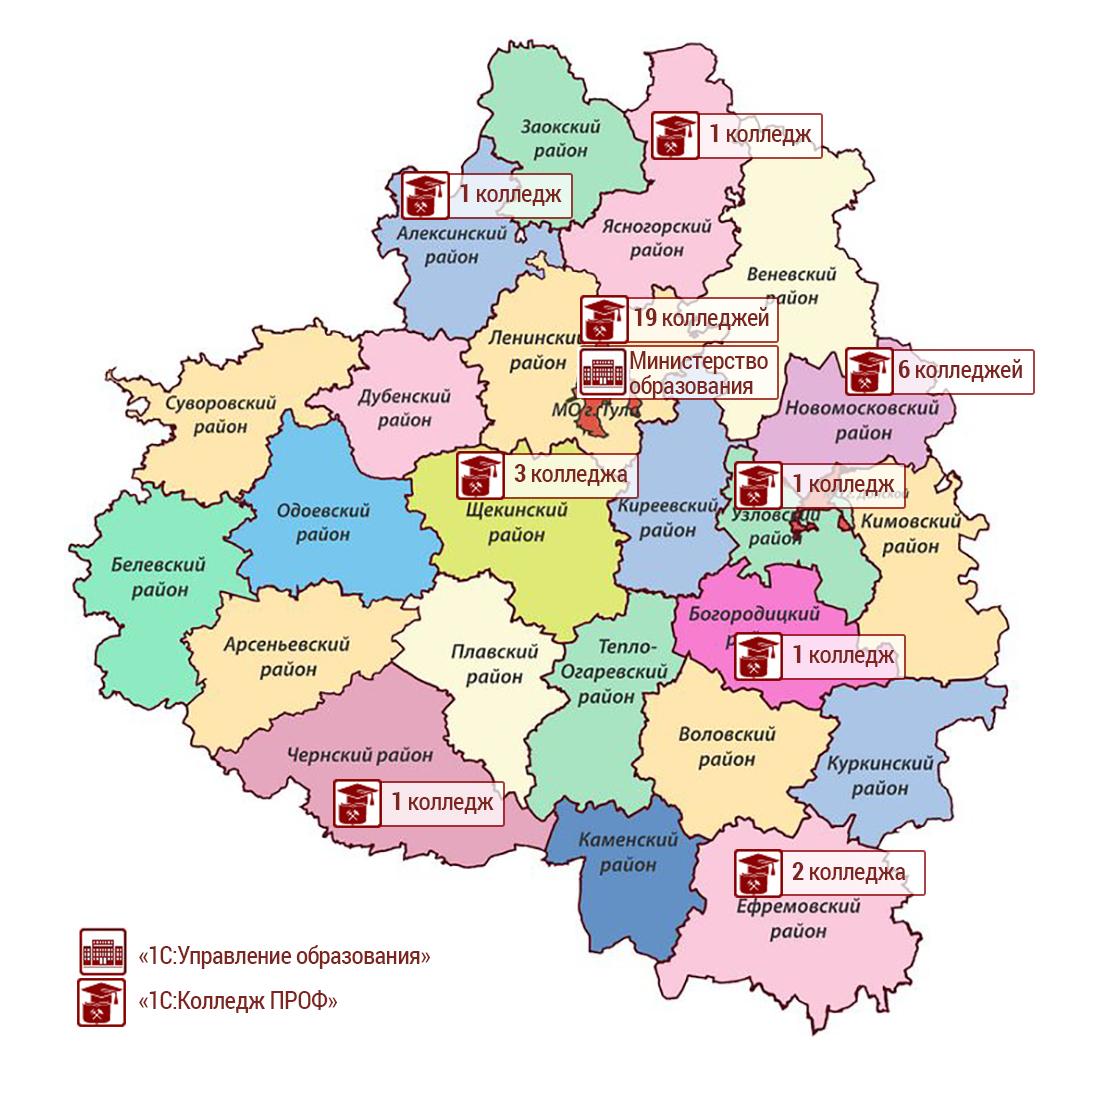 вид тульская область на карте россии фото бывают разных